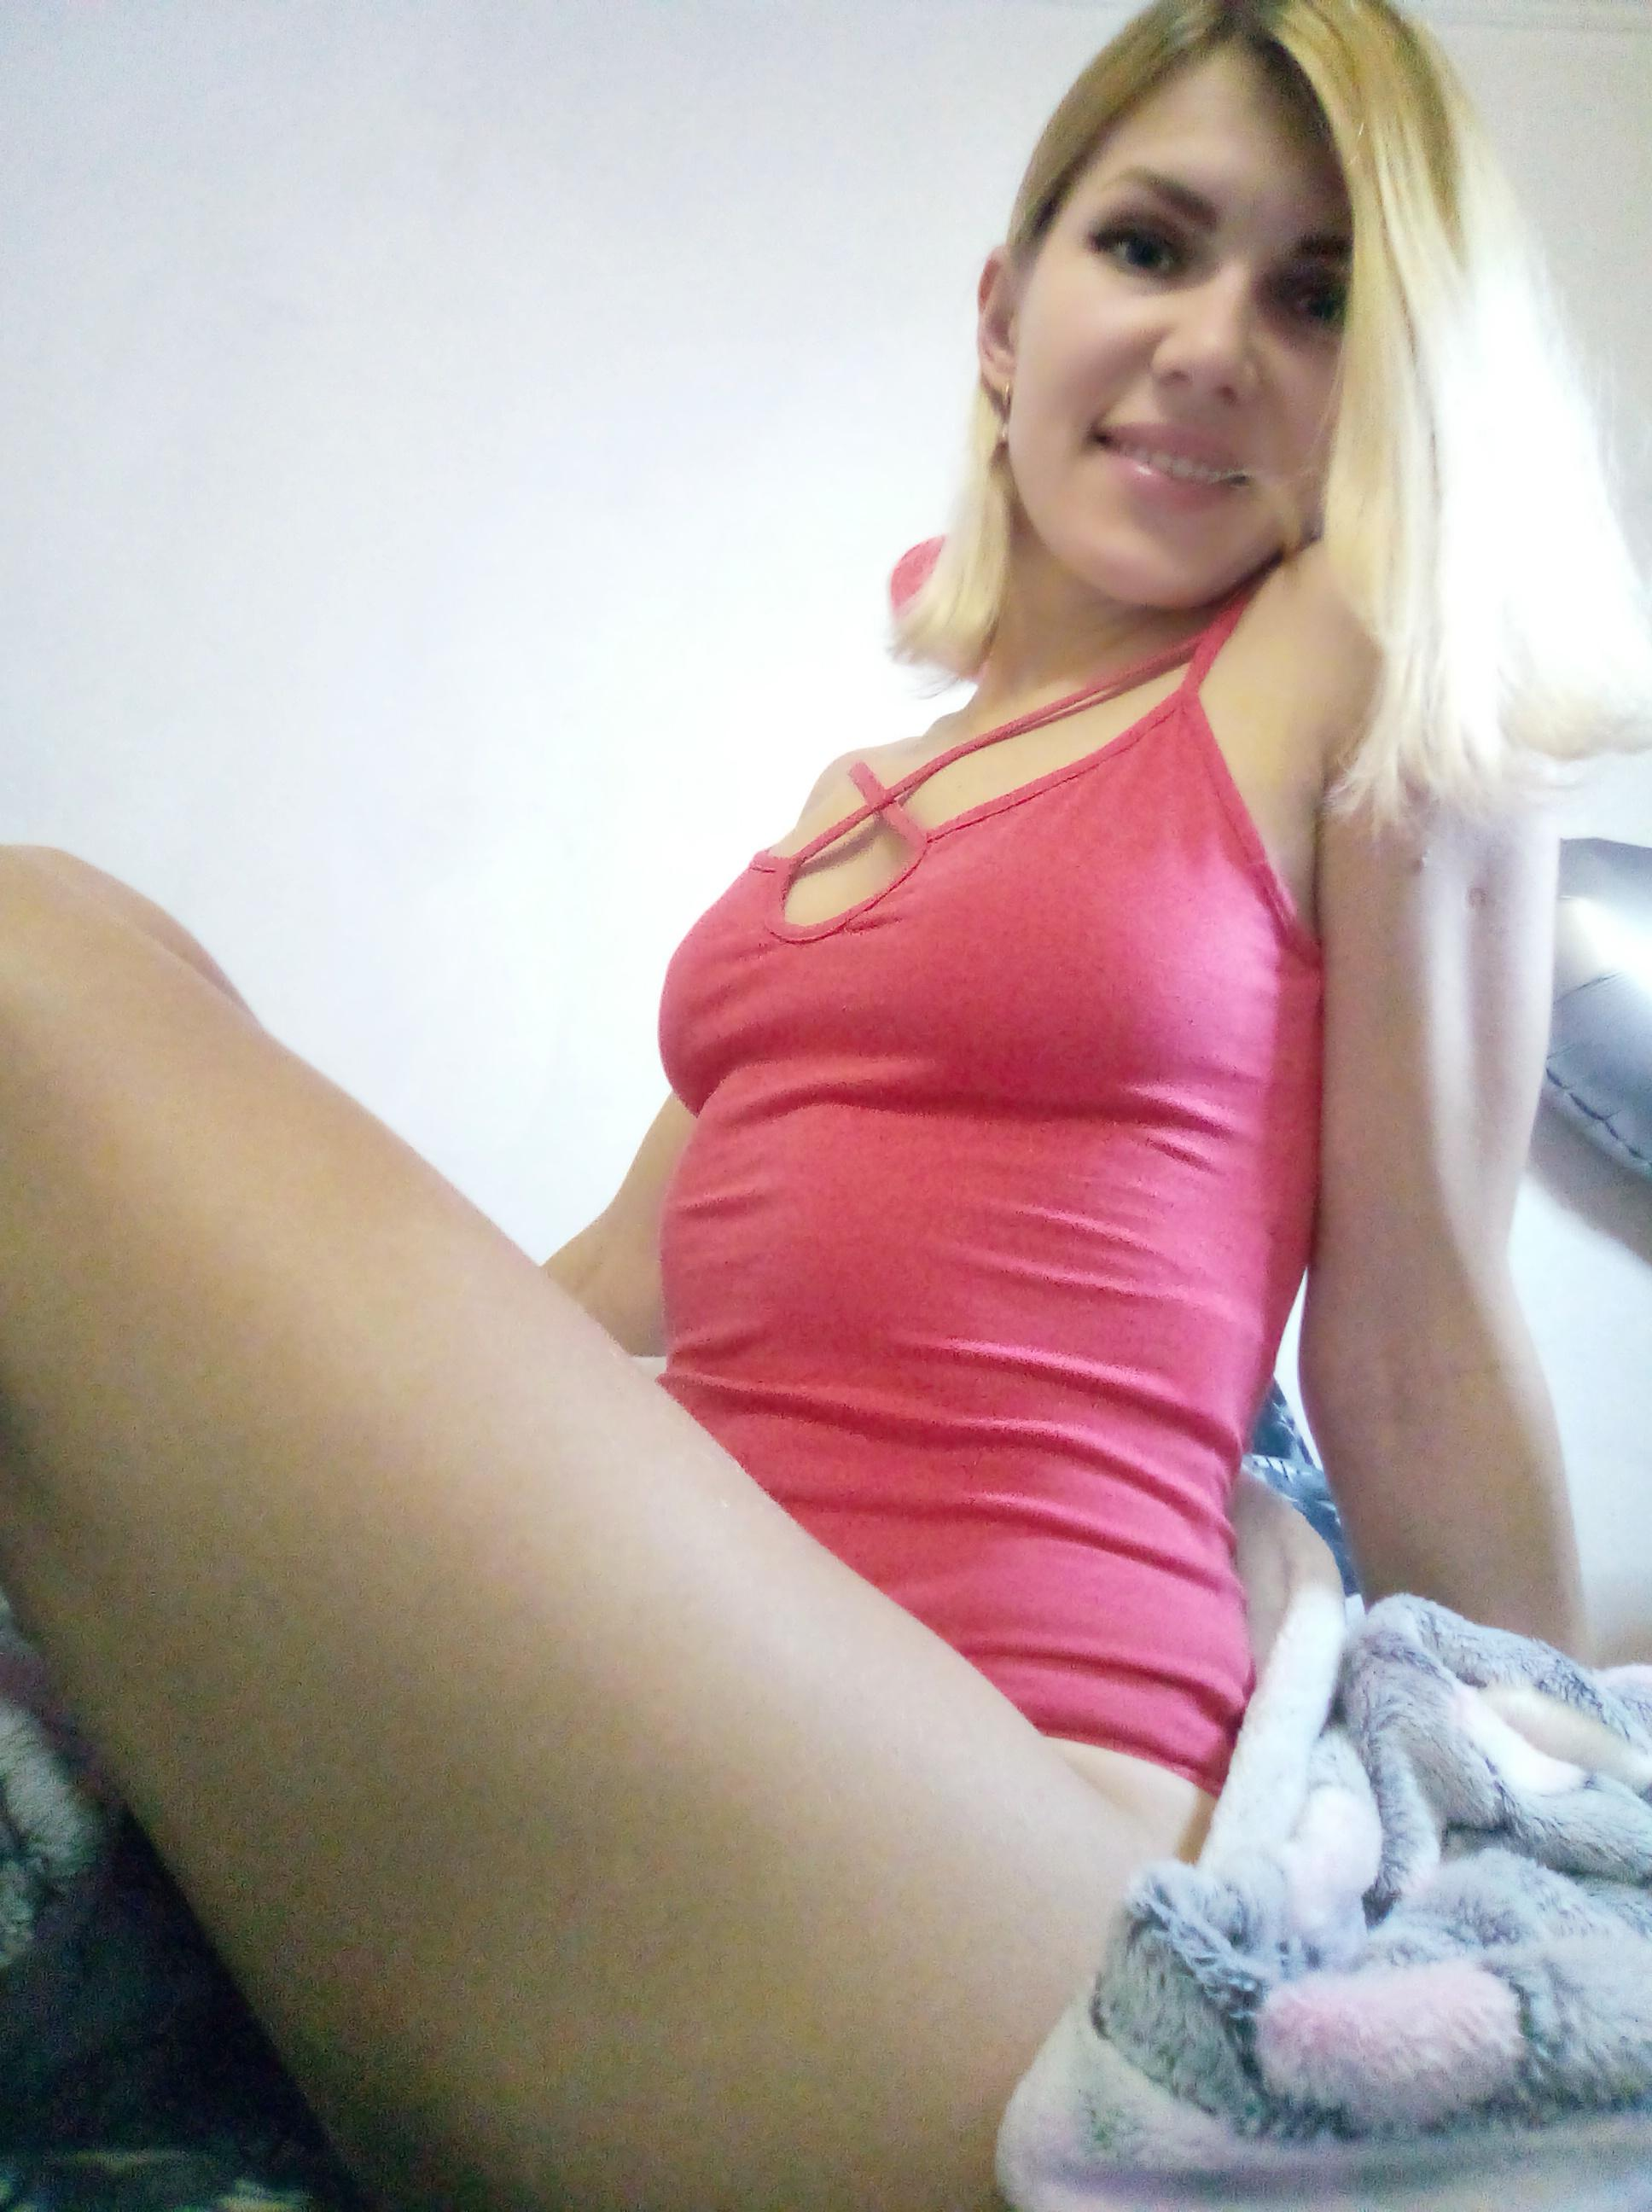 Luisa key hot?s=xy+6thnllaewb93wymqgkav1ihkjxjsw98vnjdvurwm=